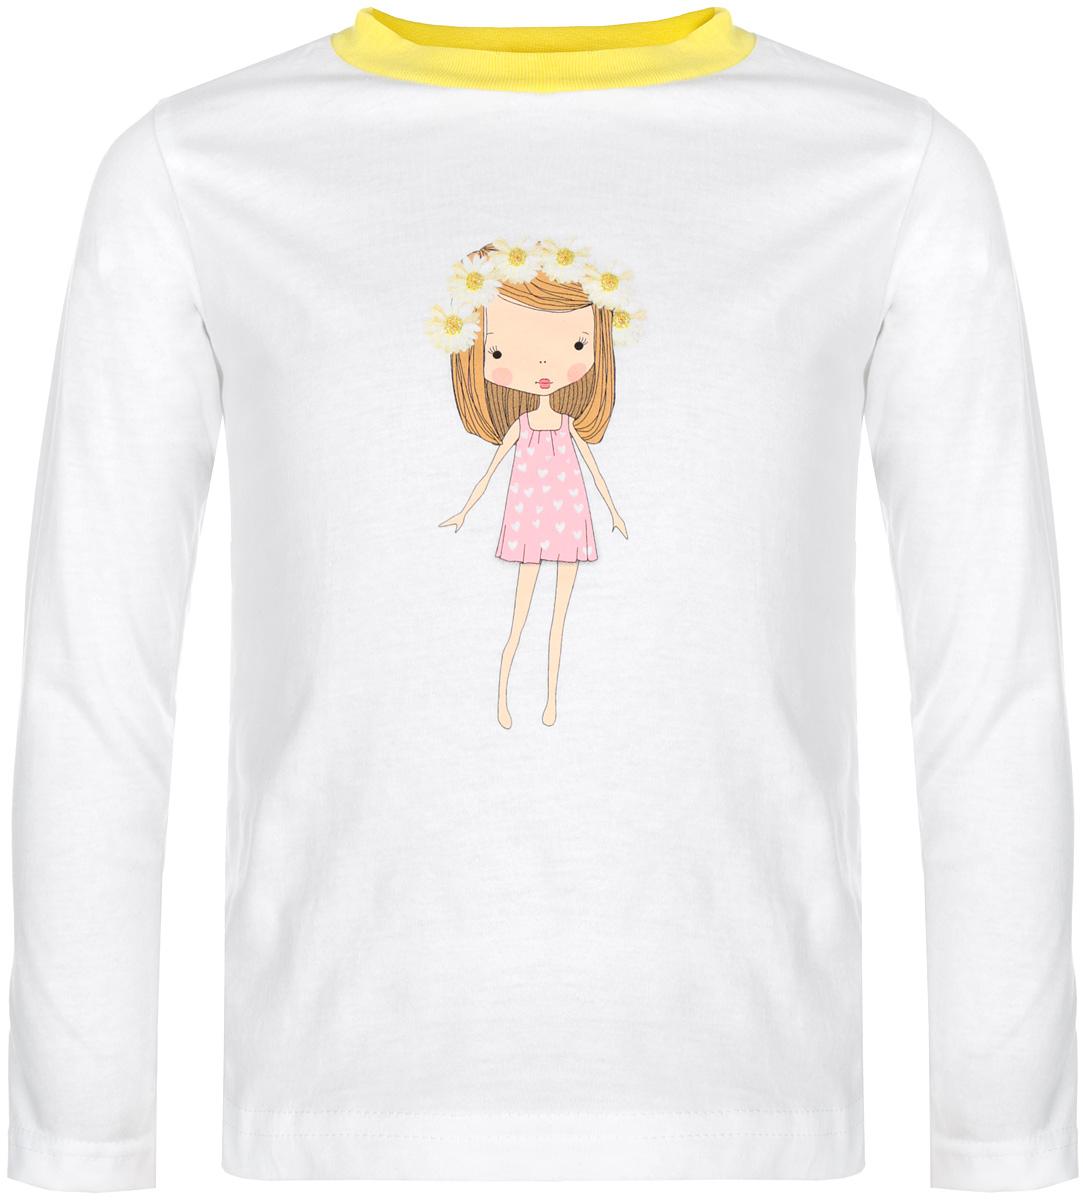 Фото Футболка с длинным рукавом для девочки КотМарКот, цвет: белый, желтый. 15562. Размер 92, 2 года. Купить  в РФ